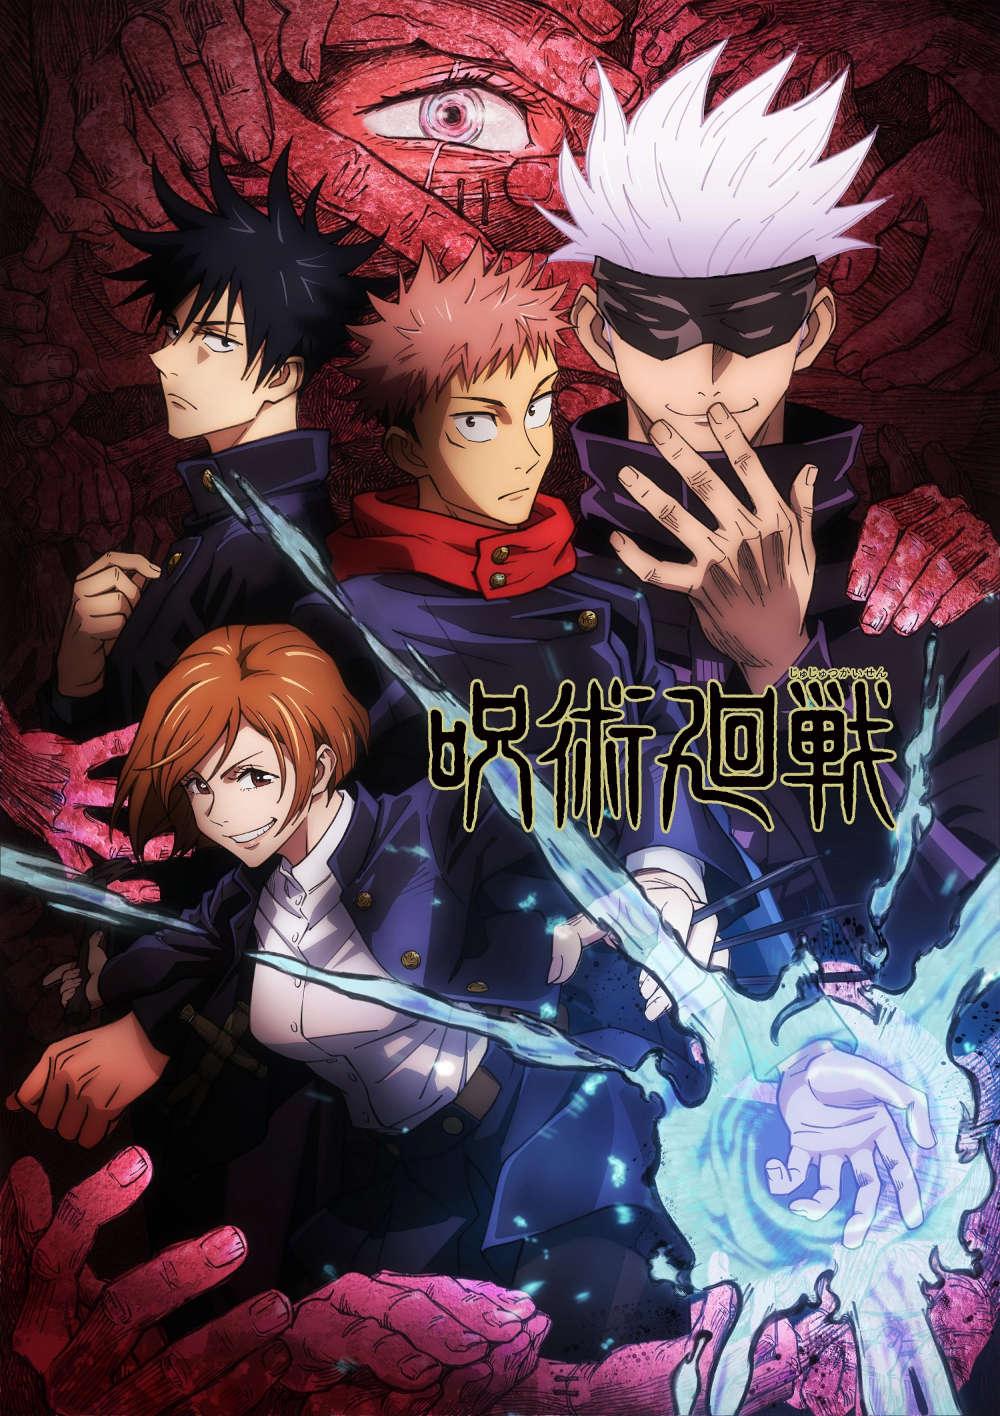 呪術廻戦 Vol.6 初回生産限定版 DVD